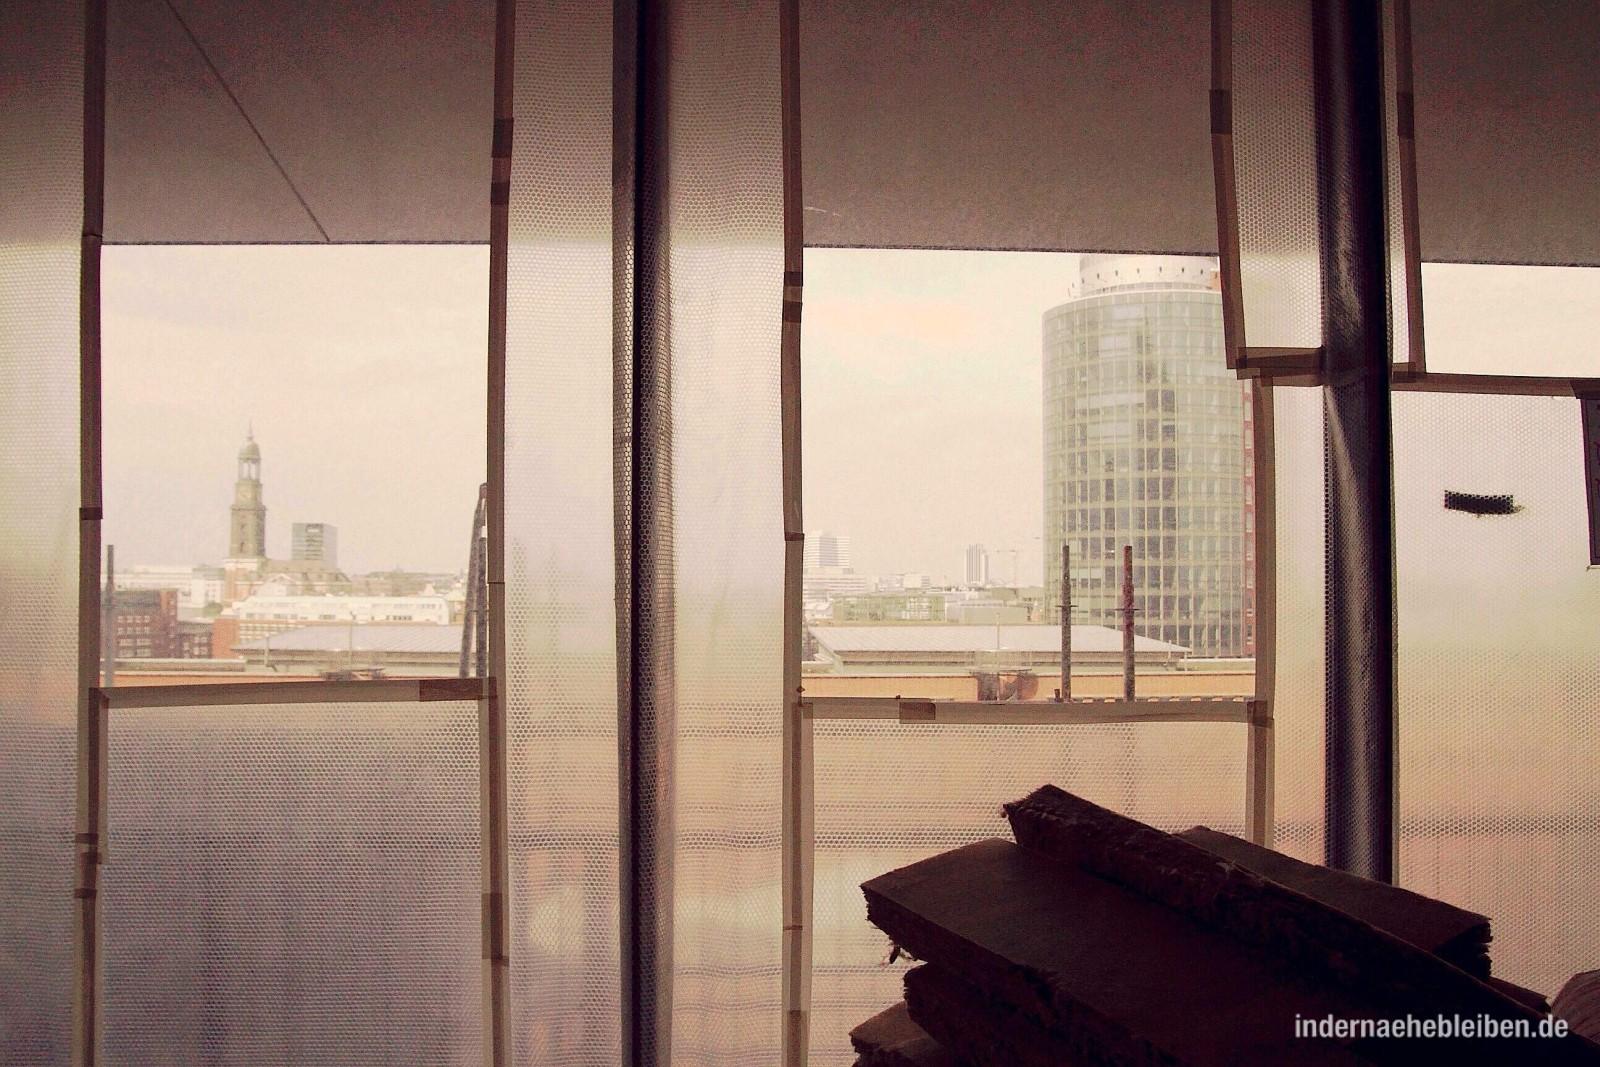 Neues von der Baustelle: Elphilharmonie